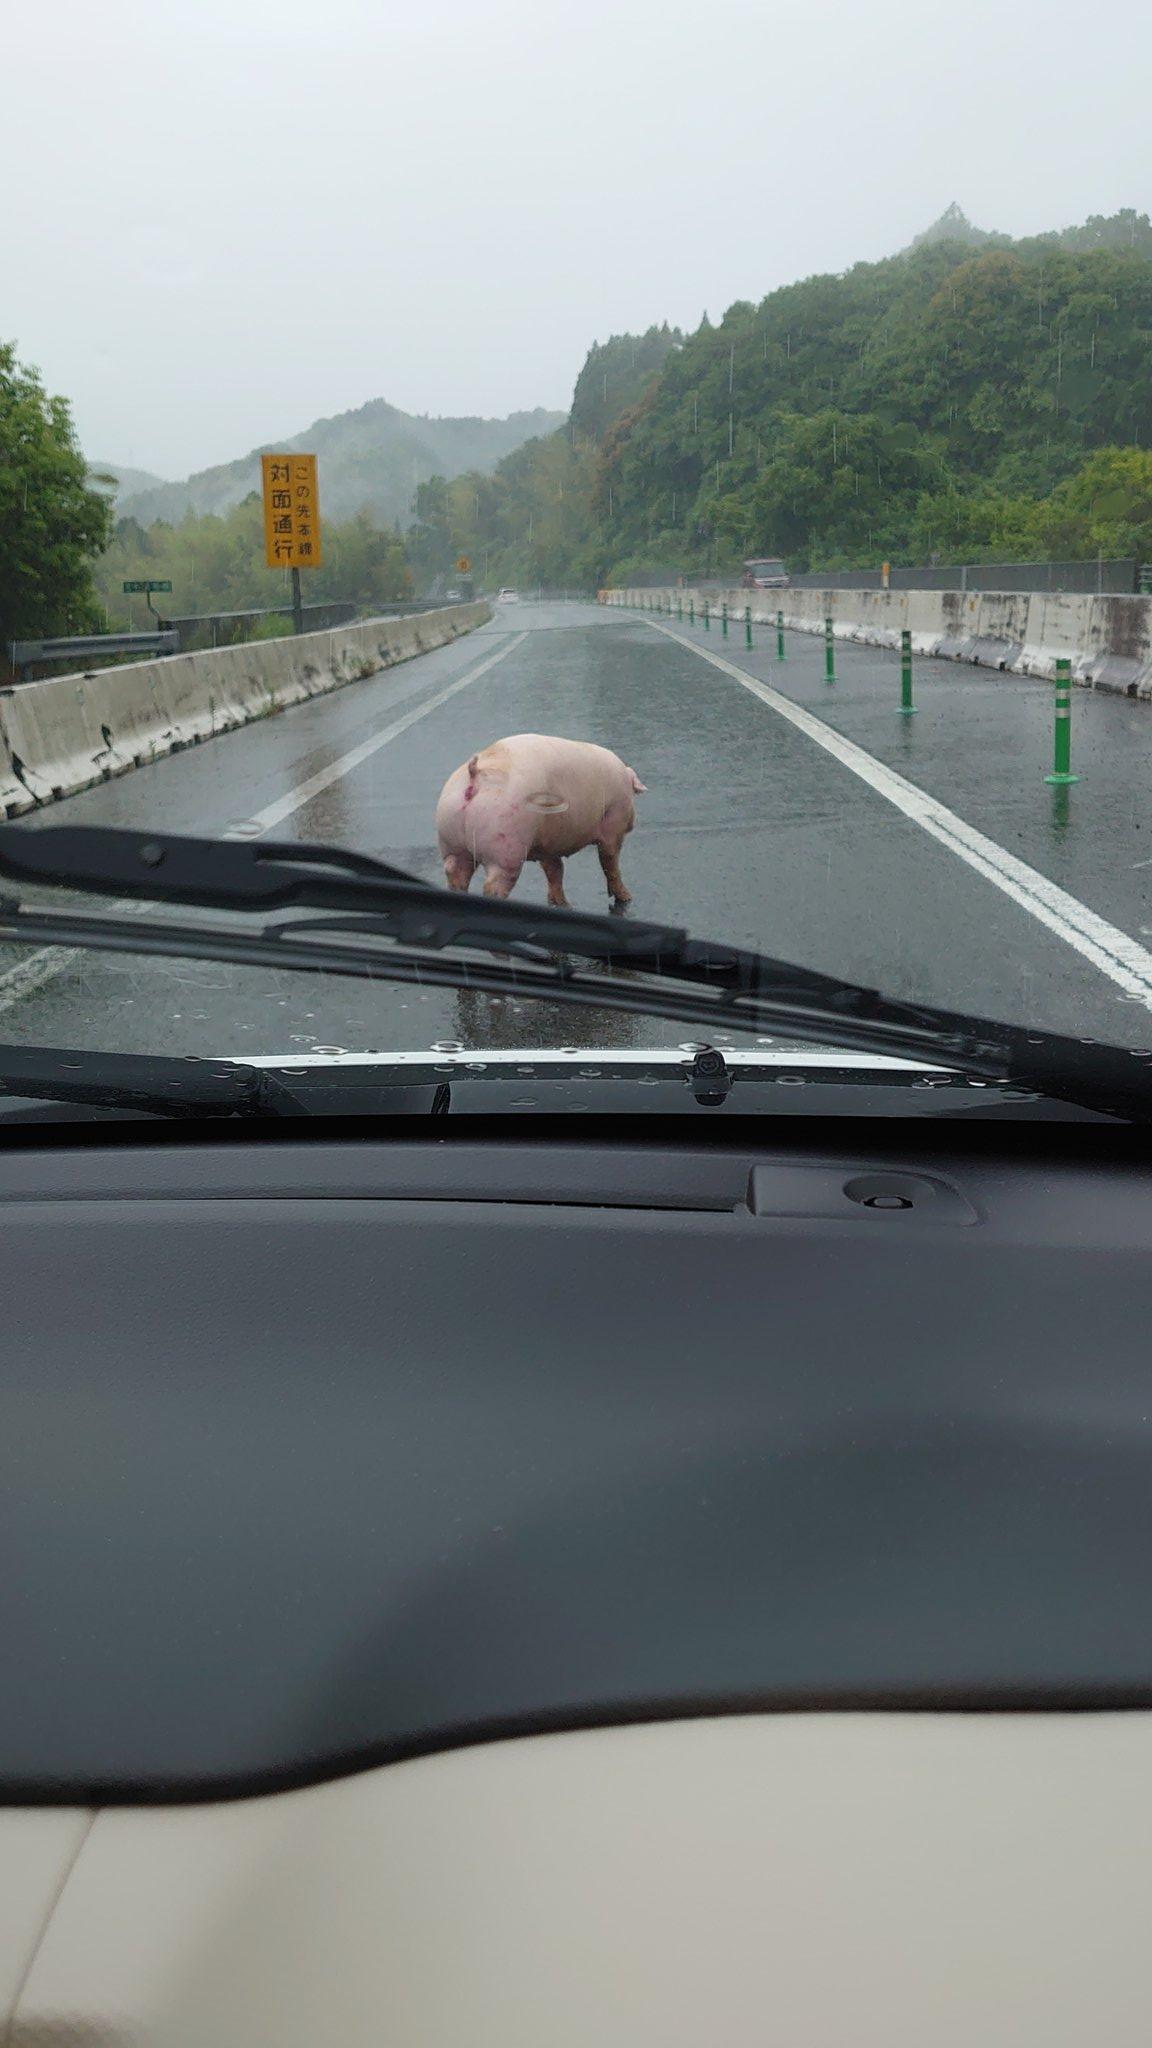 南九州道の日奈久付近に豚が巡回している画像